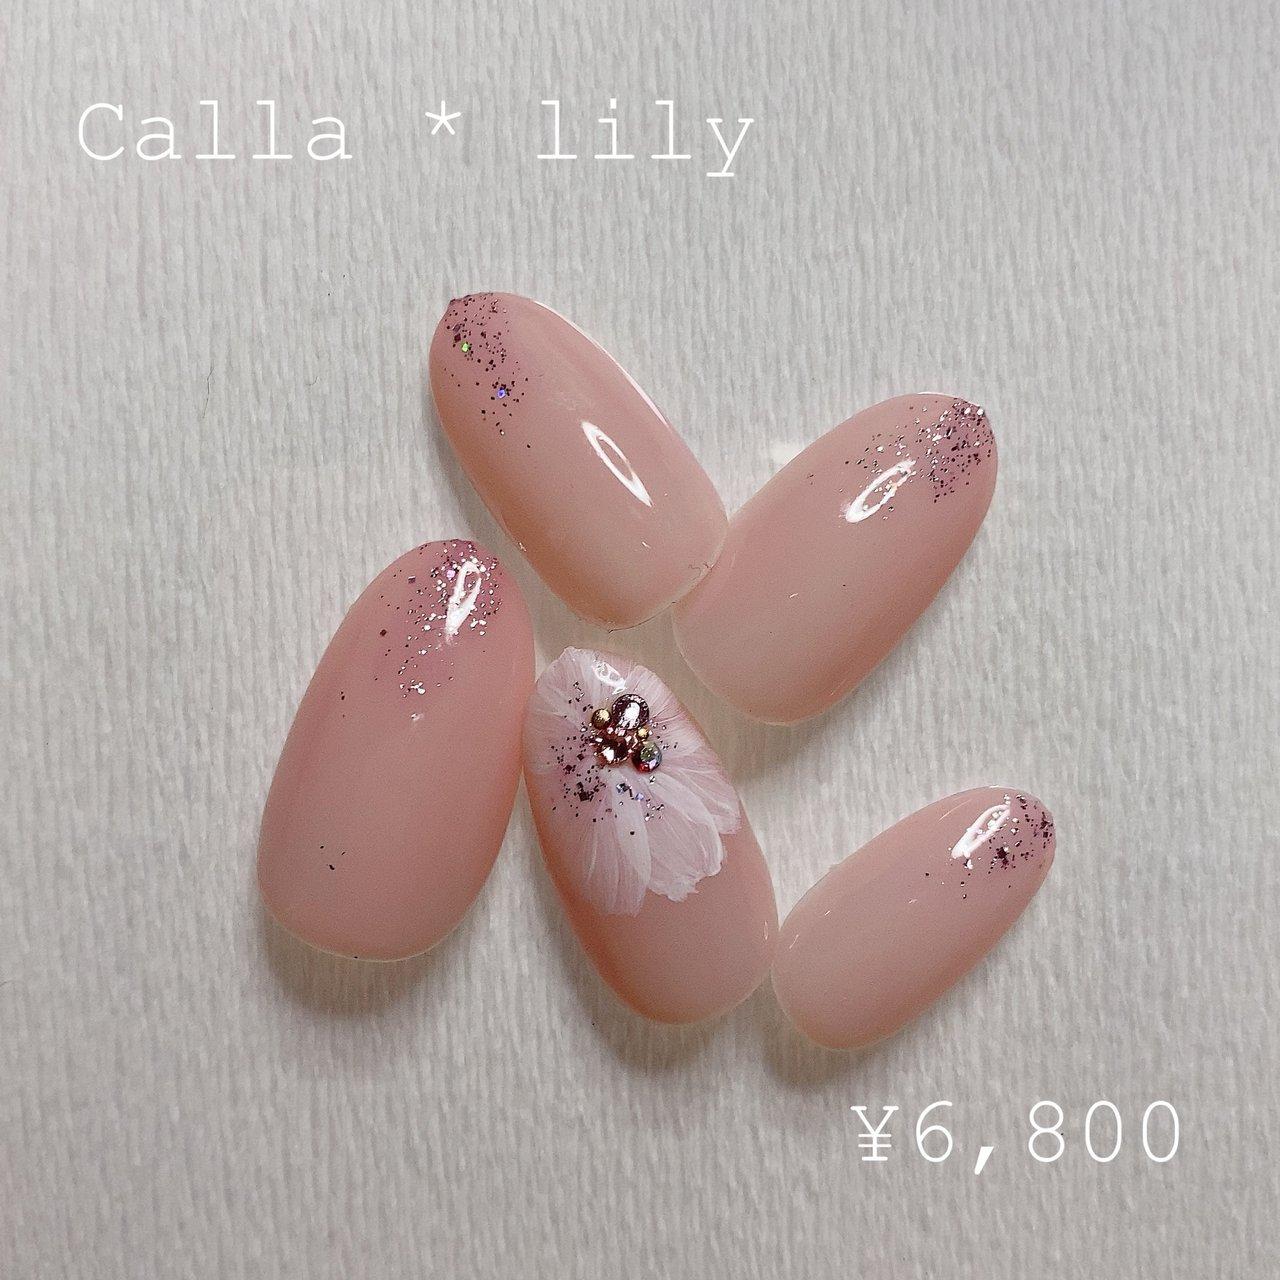 ご来店ありがとうございます! ふんわりお花ネイルです😊💅  当店#フィルインオフ になります。 ※初回はお爪の状況を見てアセトンオフの場合もあります。 * ・ ° ・ . * オフは基本的にフィルインでさせていただきます。 フィンインオフ代¥1100になります😳  ワンカラー・・・・・¥5800 ラメグラデ・・・・・¥5800 エアジェルグラデ・・¥5800 カラーグラデ・・・・¥6300 フレンチ・・・・・・¥6800 (スカルプは上記価格+¥3000になります。) (全て税込価格になります。) * ・ ° ・ .  #ネイル #恵比寿 #かわいいネイル #nail#スカルプチュア #ラメネイル #オフィスネイル#シンプル#simple#恵比寿ホームサロン#ホームサロン#東京#東京ネイル#都内#tokyo #駐車場あり#プライベートサロン  #春ネイル #フィルイン一層残しが出来るサロン #かわいい #恵比寿ネイルサロン #ホームサロン#ネイル#nail#カラーが豊富なネイルサロン #アルコールok #飲みながらネイル #wifiあり #子連れネイルサロン #個人サロン #定額デザイン #アートし放題 #ワンちゃんok #ジェルスカルプ #スカルプチュア #手書きアート #エアジェル#パラジェル #アゲハジェル #ミラージュ #スワロフスキー #かわいい #駐車場のあるネイルサロン #駅近ネイルサロン  #手書きフラワー #ワンポイントネイル #オフィス #オフィスネイルデザイン #上品ネイル #春 #夏 #オールシーズン #ハンド #ラメ #ワンカラー #フラワー #ホワイト #ベージュ #ピンク #ネイルチップ #calla * lily #ネイルブック